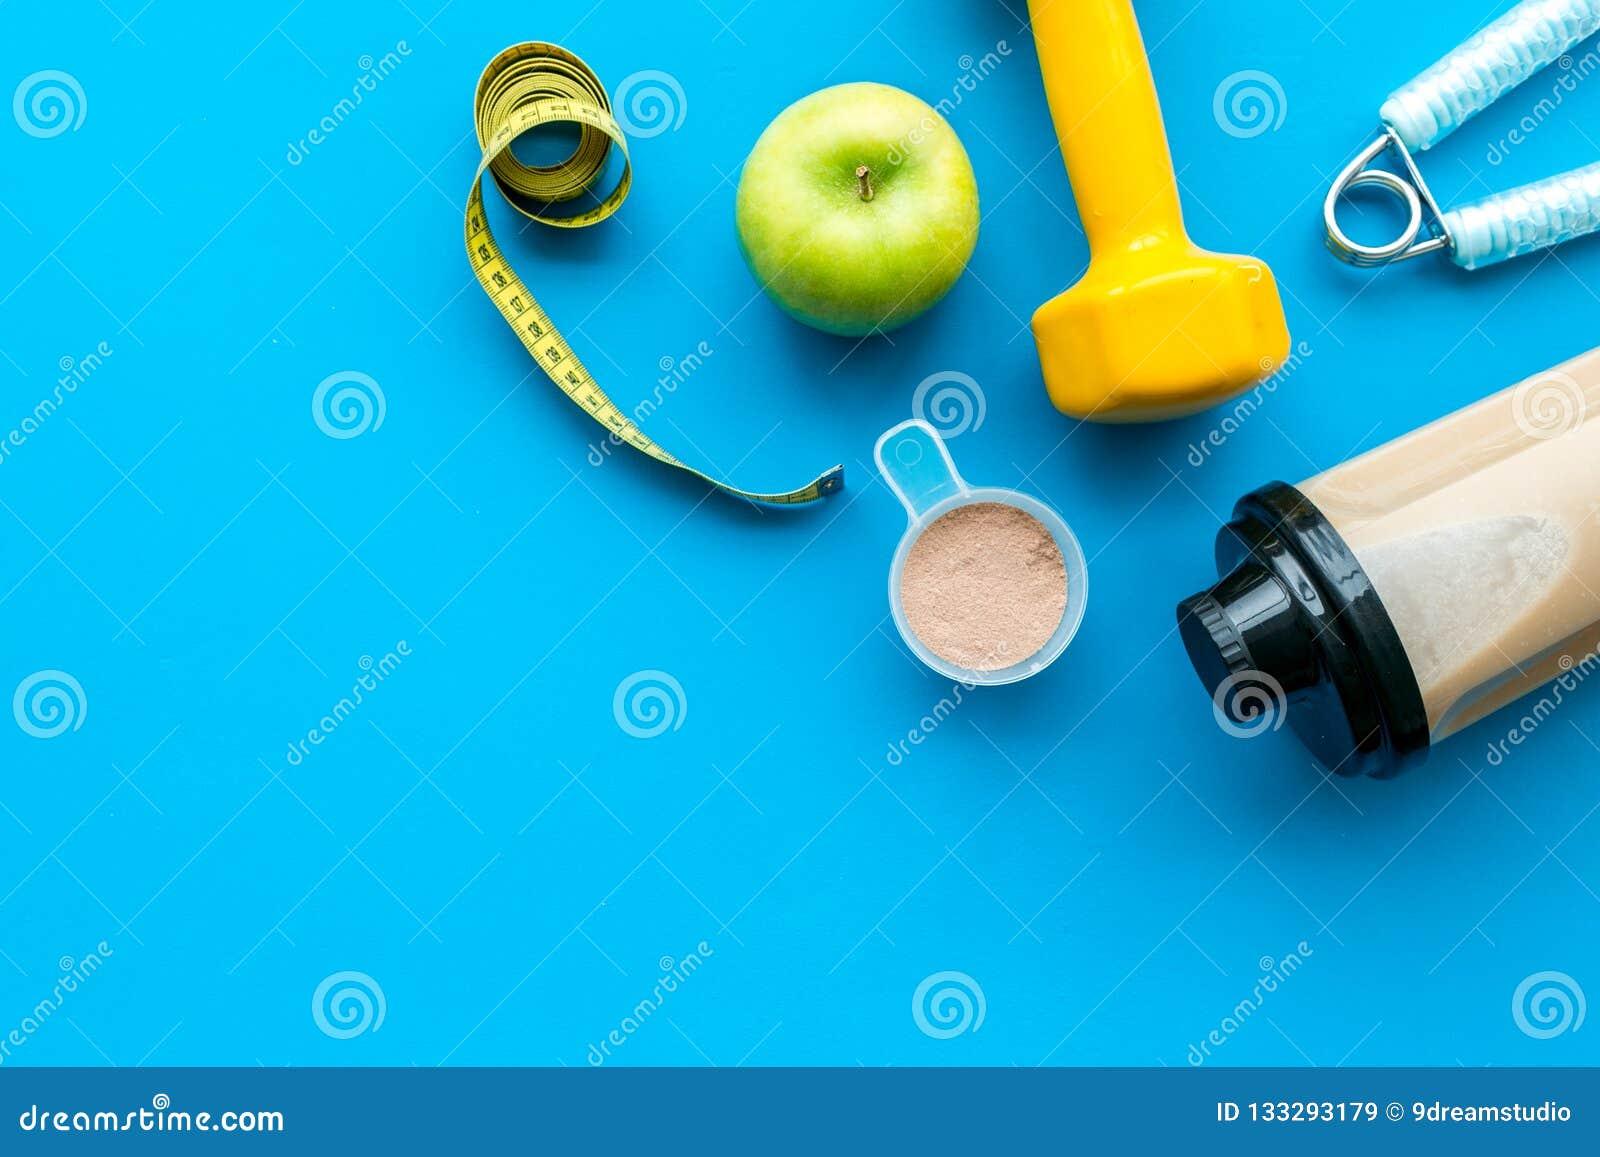 Διατροφή για το workout με το πρωτεϊνικό κοκτέιλ και τους φραγμούς στο μπλε πρότυπο άποψης υποβάθρου τοπ